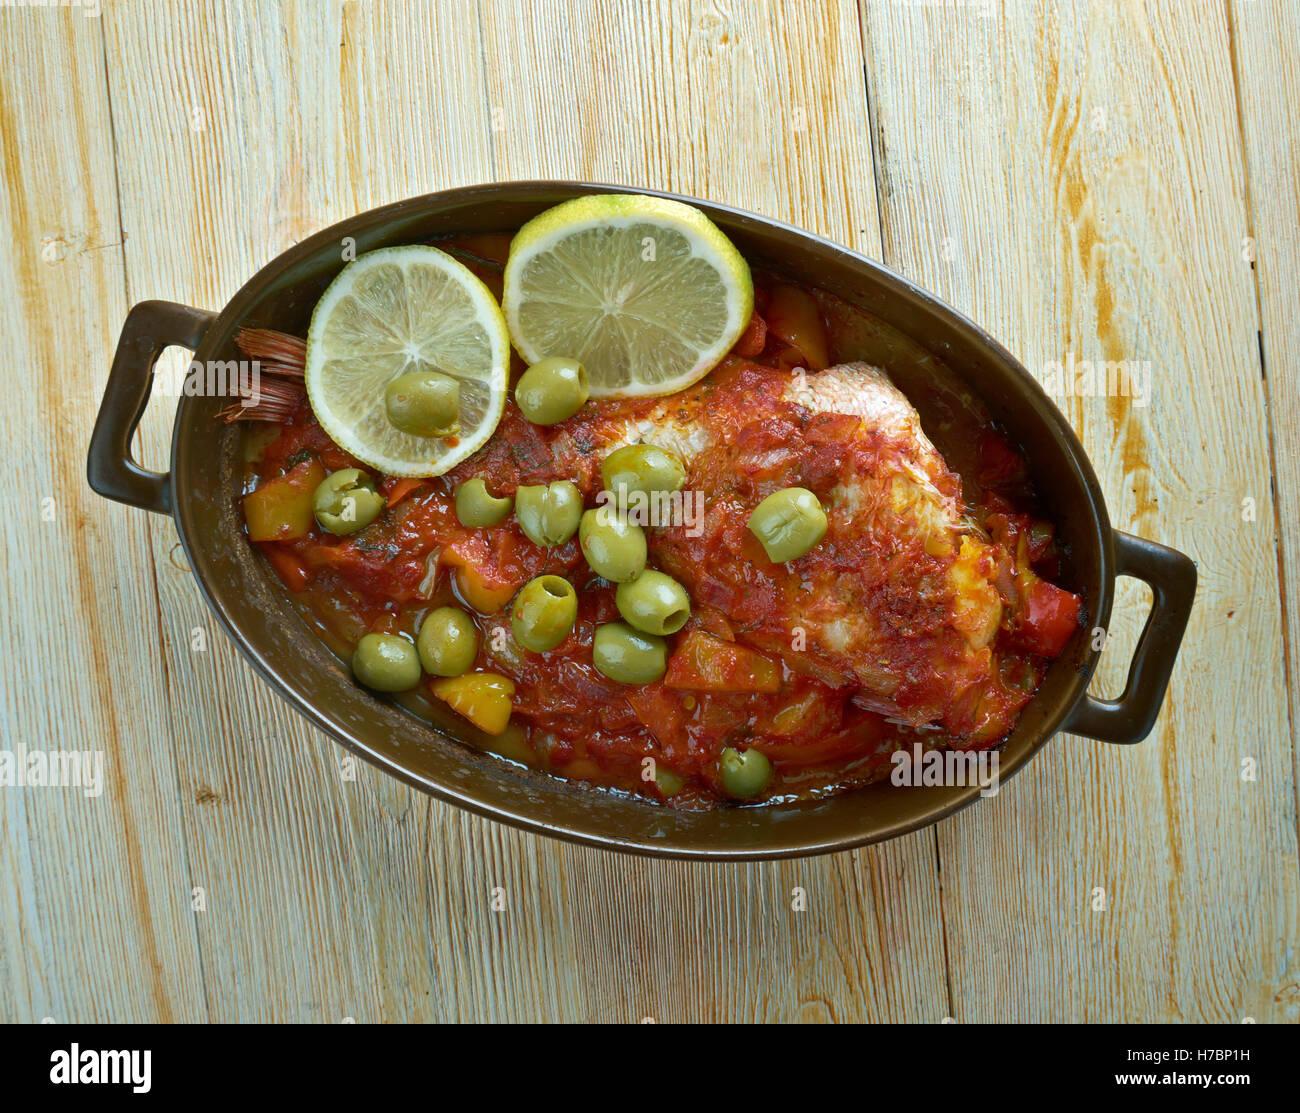 Huachinango a la Veracruzana - Veracruz-Style Red Snapper  classic fish dish from Veracruz, Mexico. - Stock Image